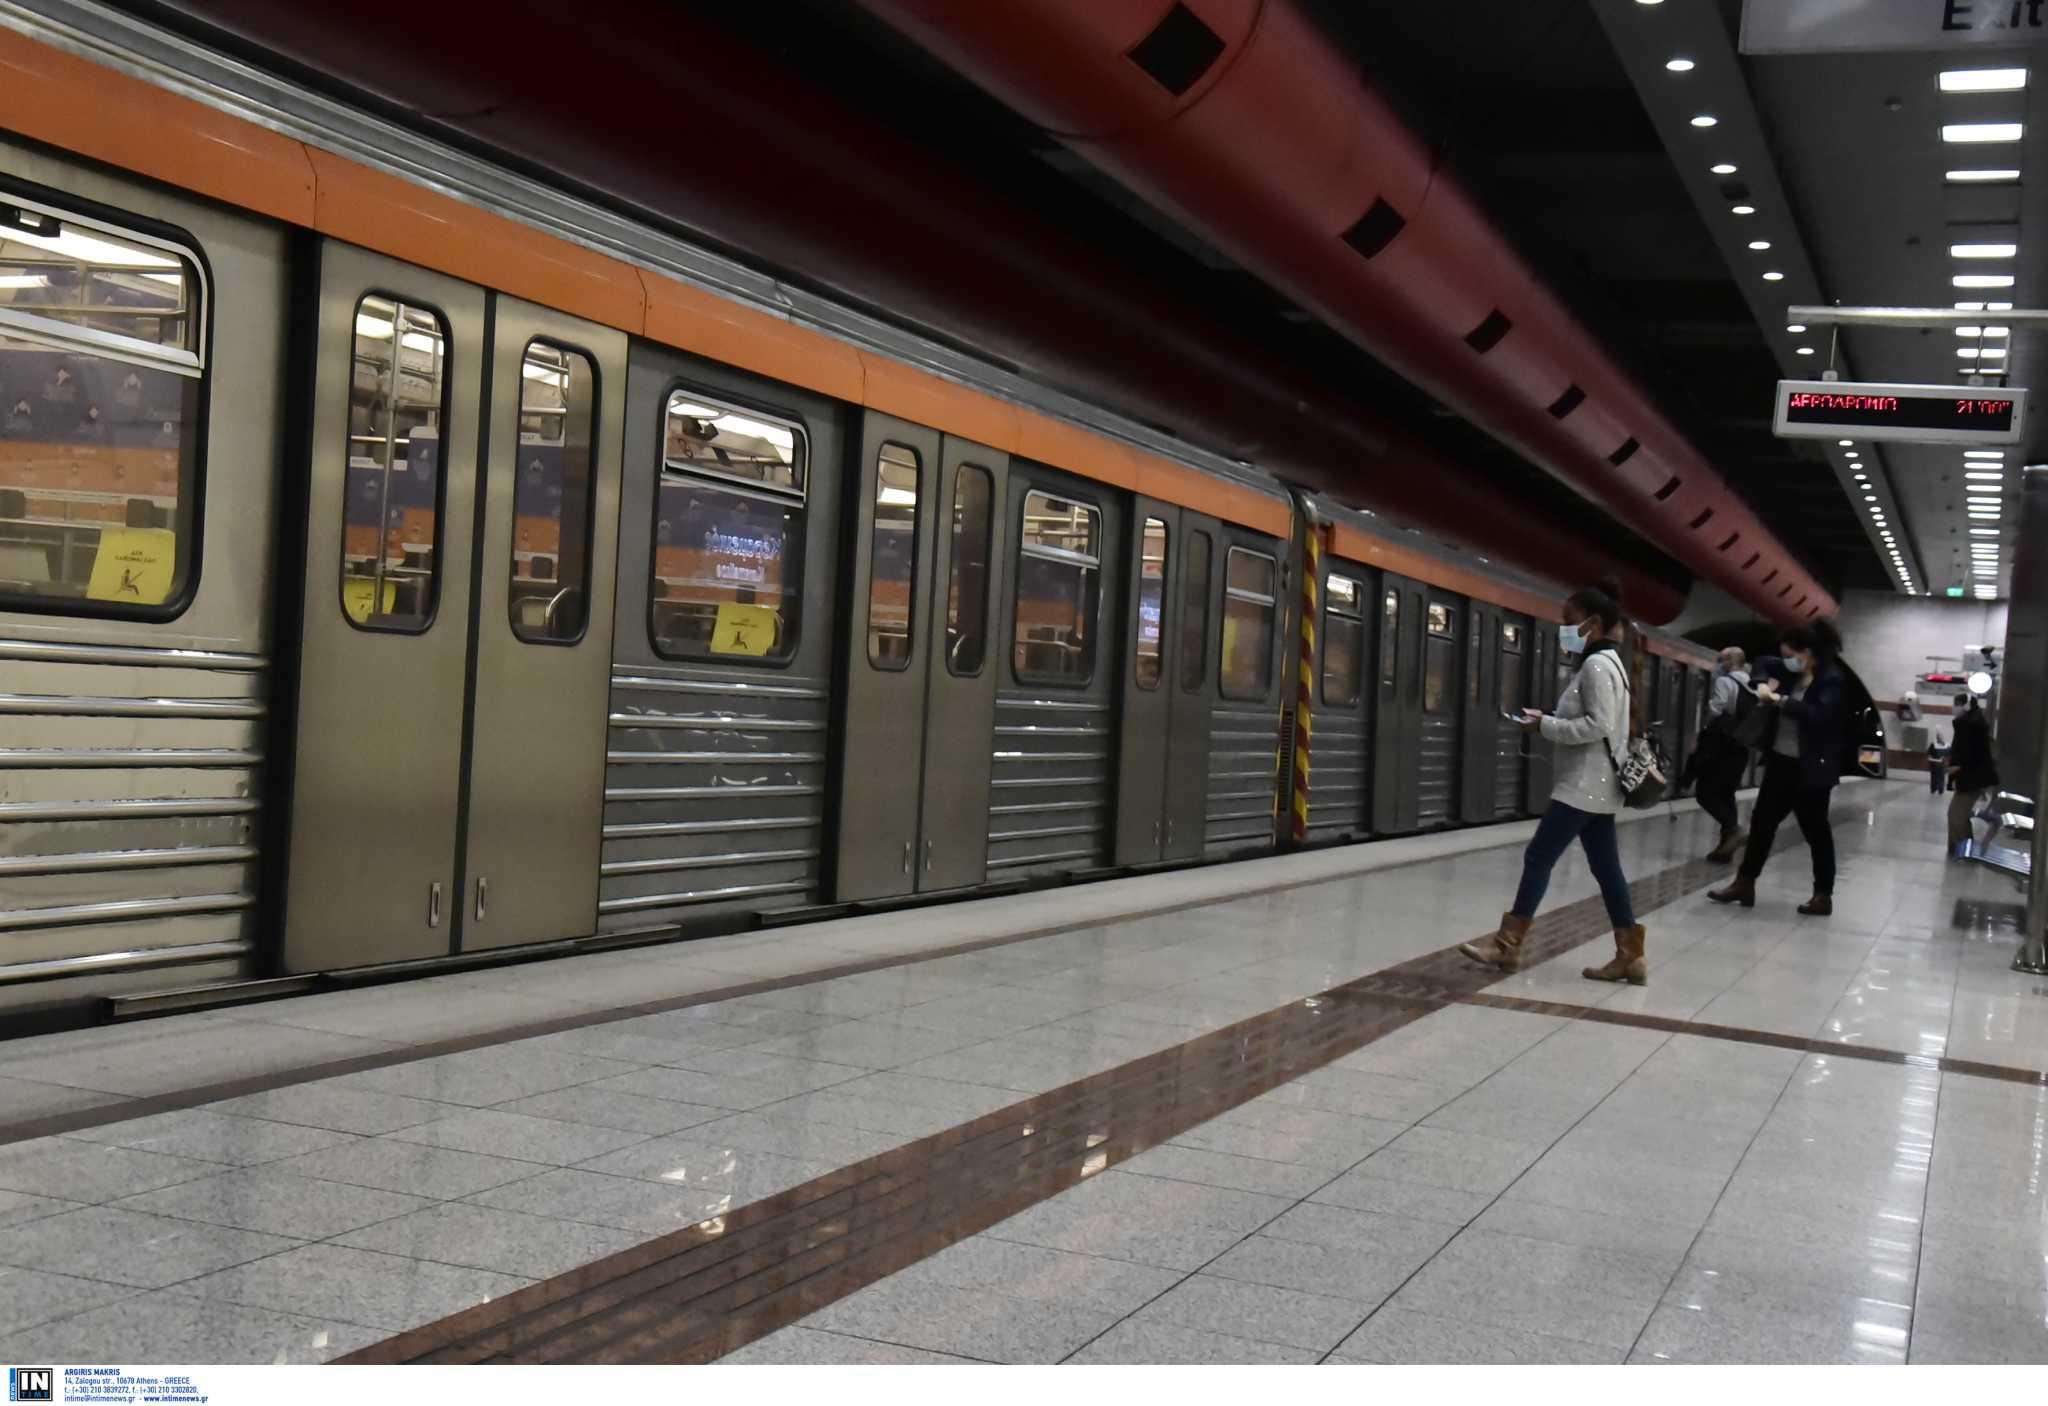 Μετρό: Με εντολή της Αστυνομίας έκλεισε ο σταθμός Μεταξουργείο